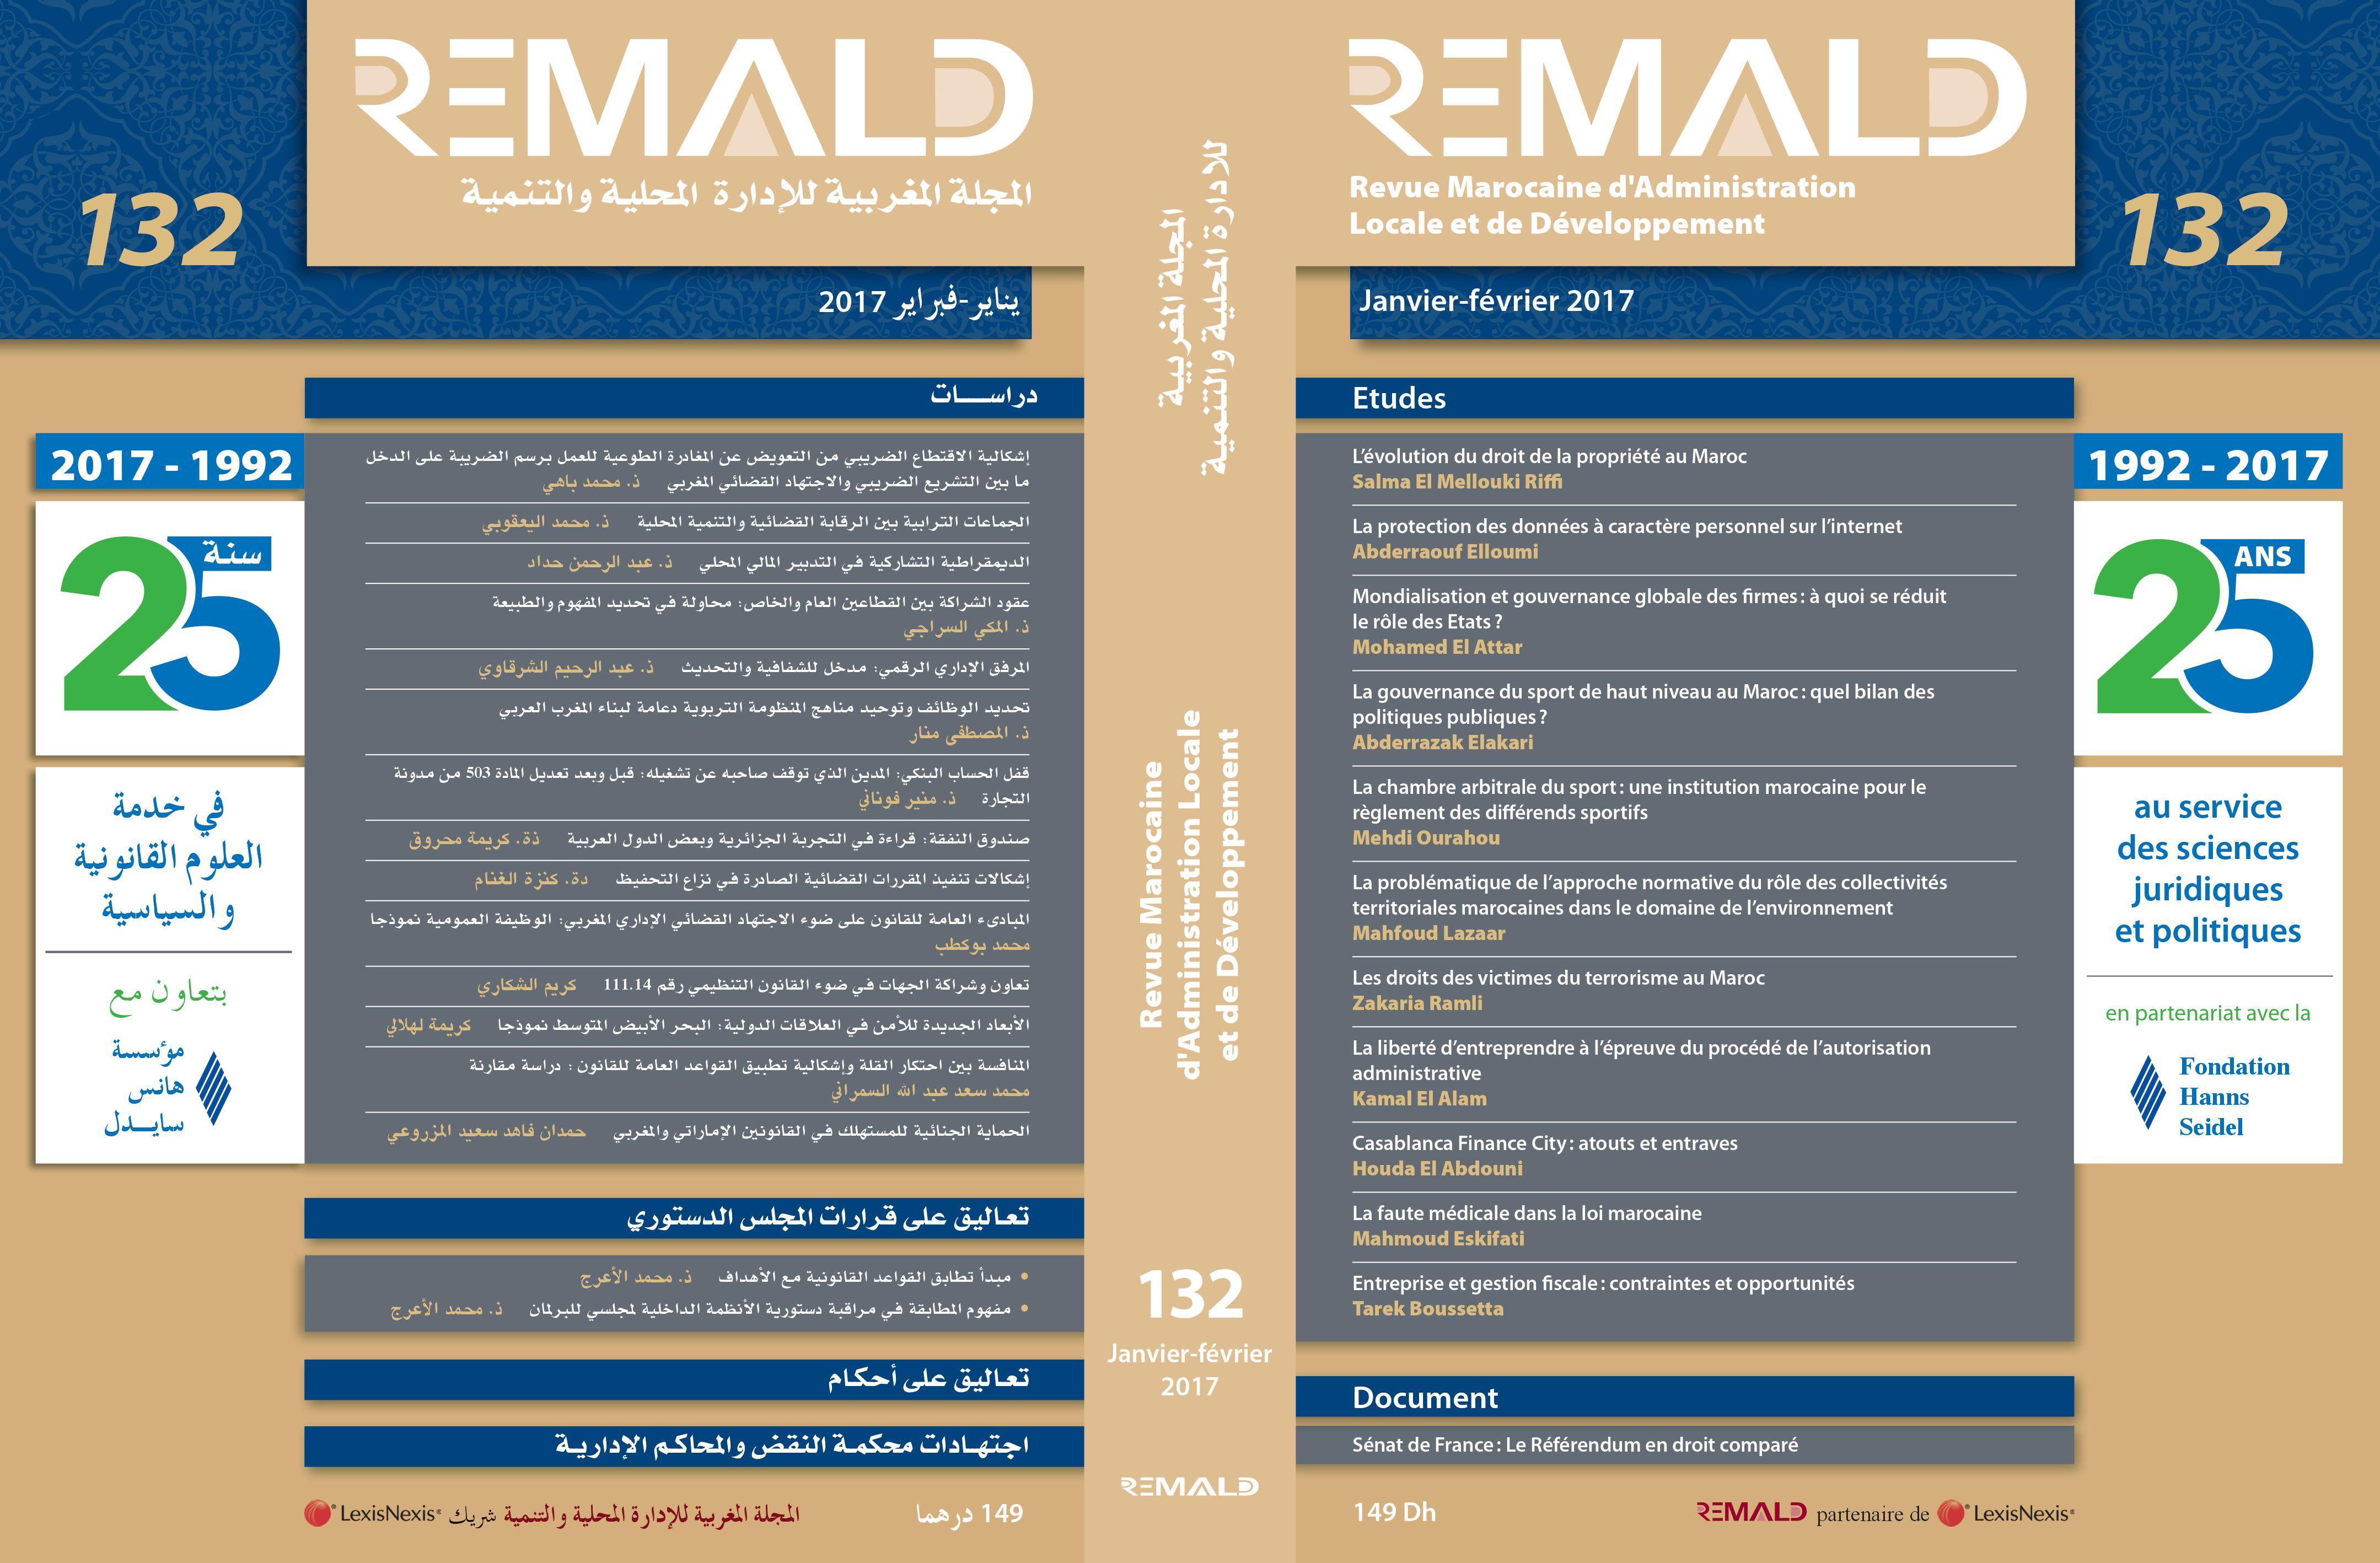 صدور العدد 132 من المجلة المغربية للإدارة المحلية والتنمية